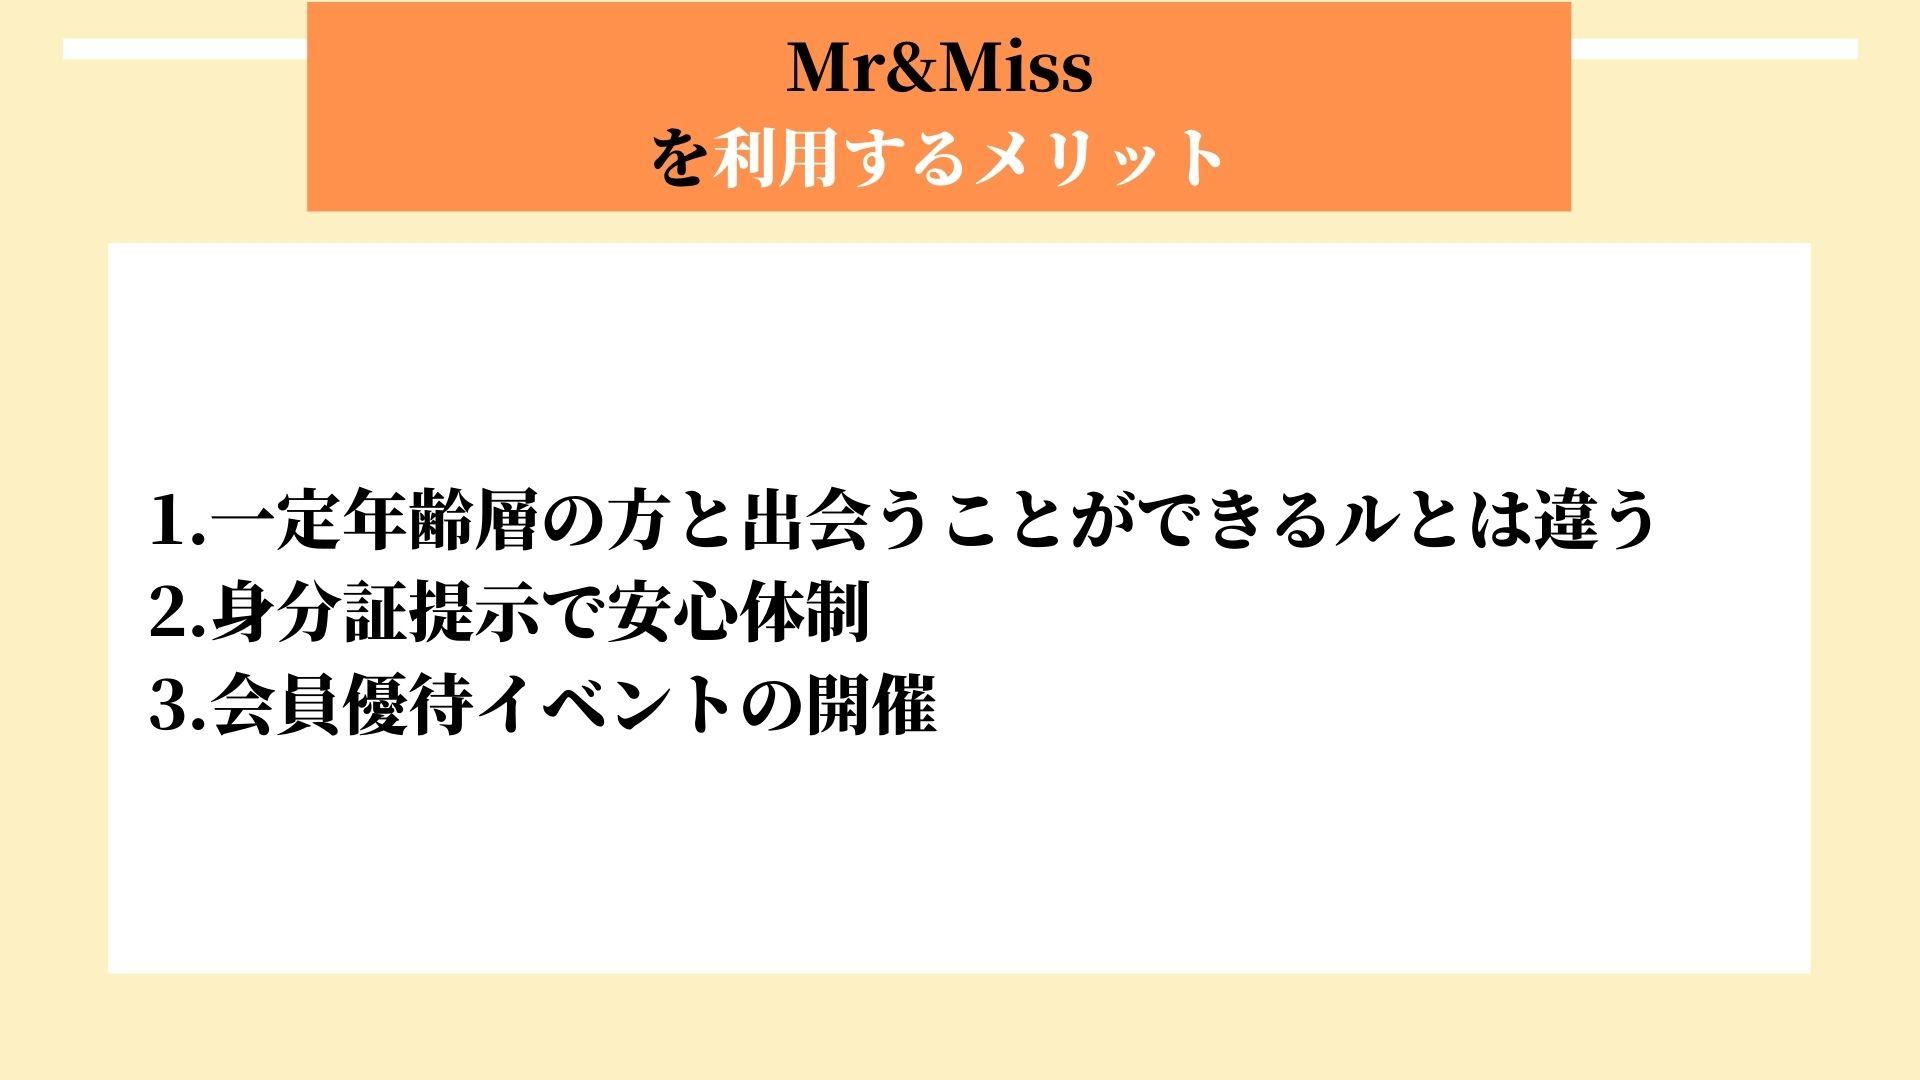 Mr&Miss メリット